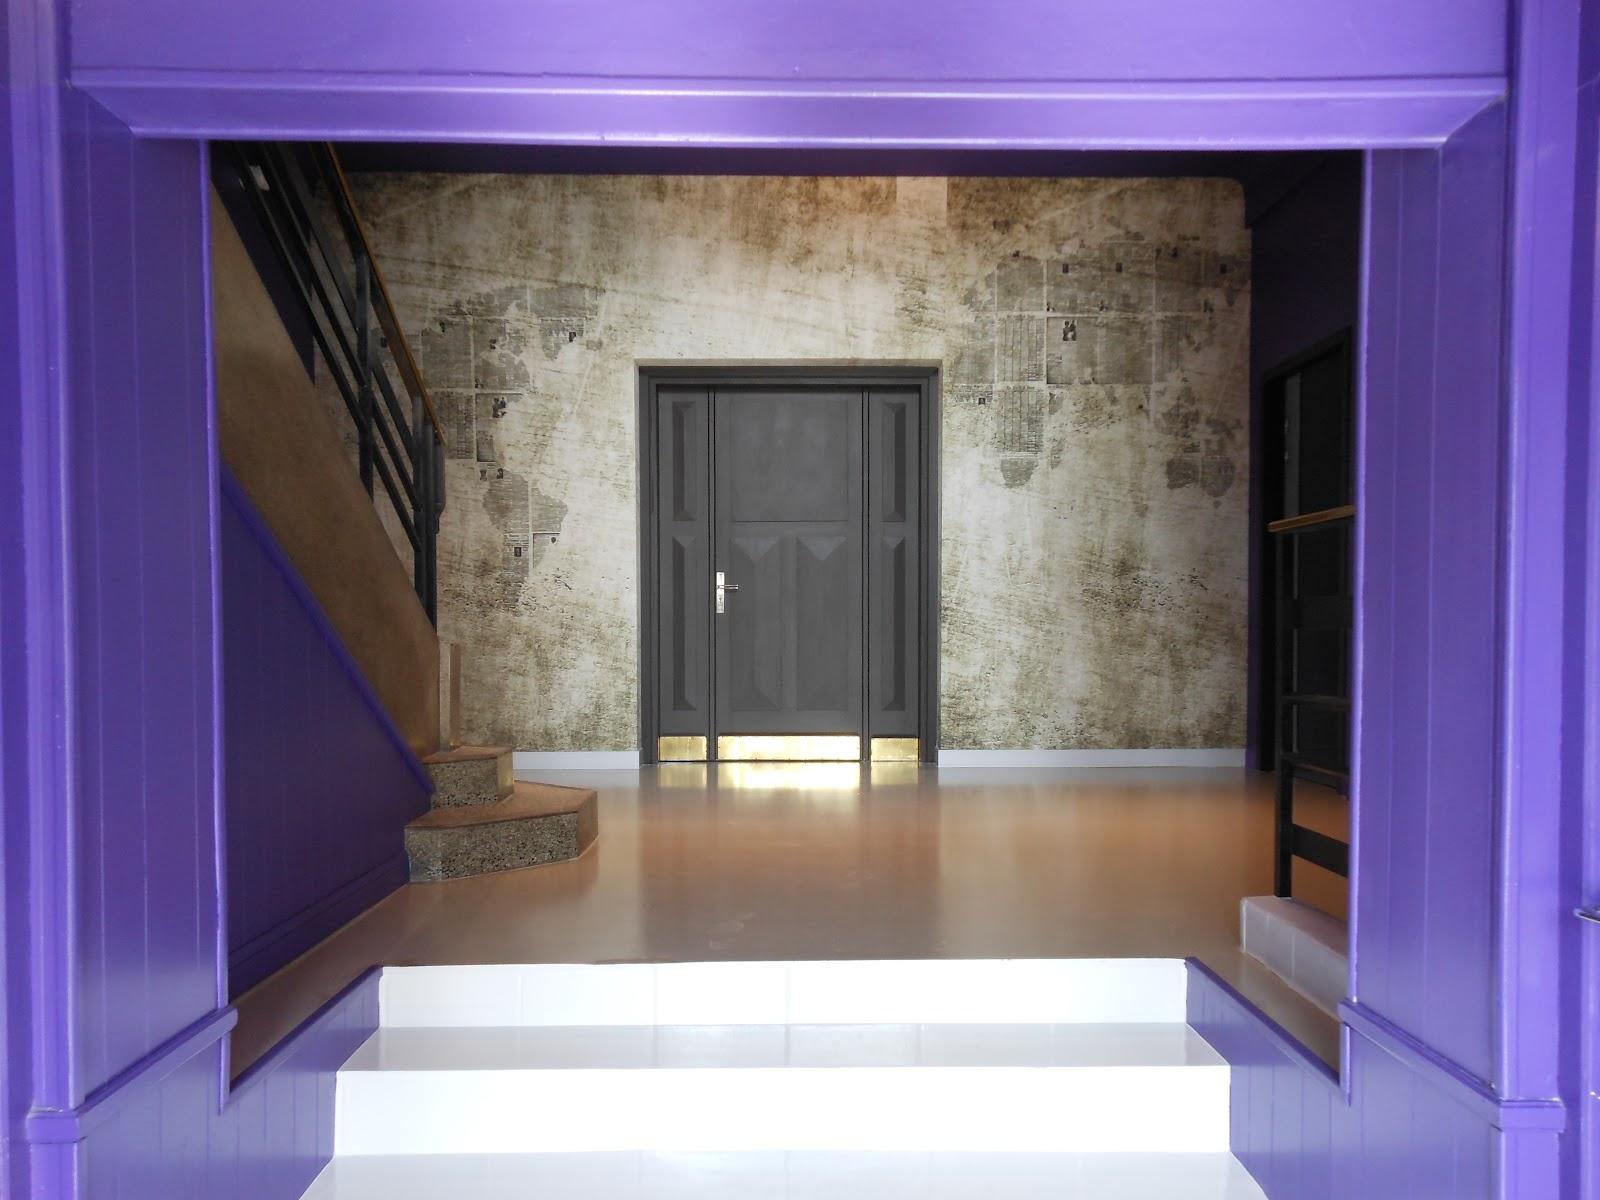 sophie bannwart architecte d 39 int rieur sophie bannwart architecte d 39 int rieur. Black Bedroom Furniture Sets. Home Design Ideas